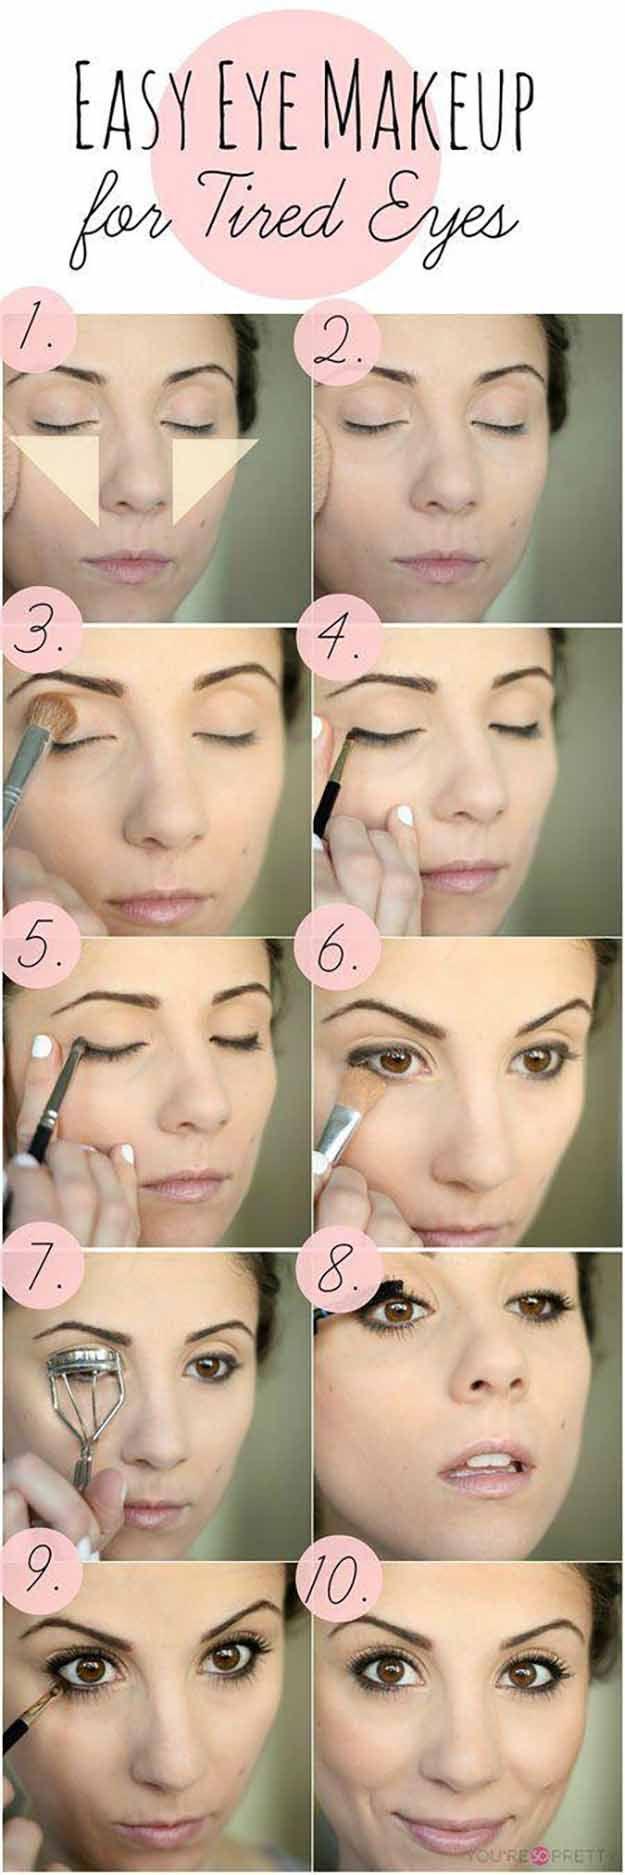 36 asombrosos Hacks belleza | Todo por un sueño componen Tips36 increíble belleza Hacks | Todo por un sueño Maquillaje Consejos